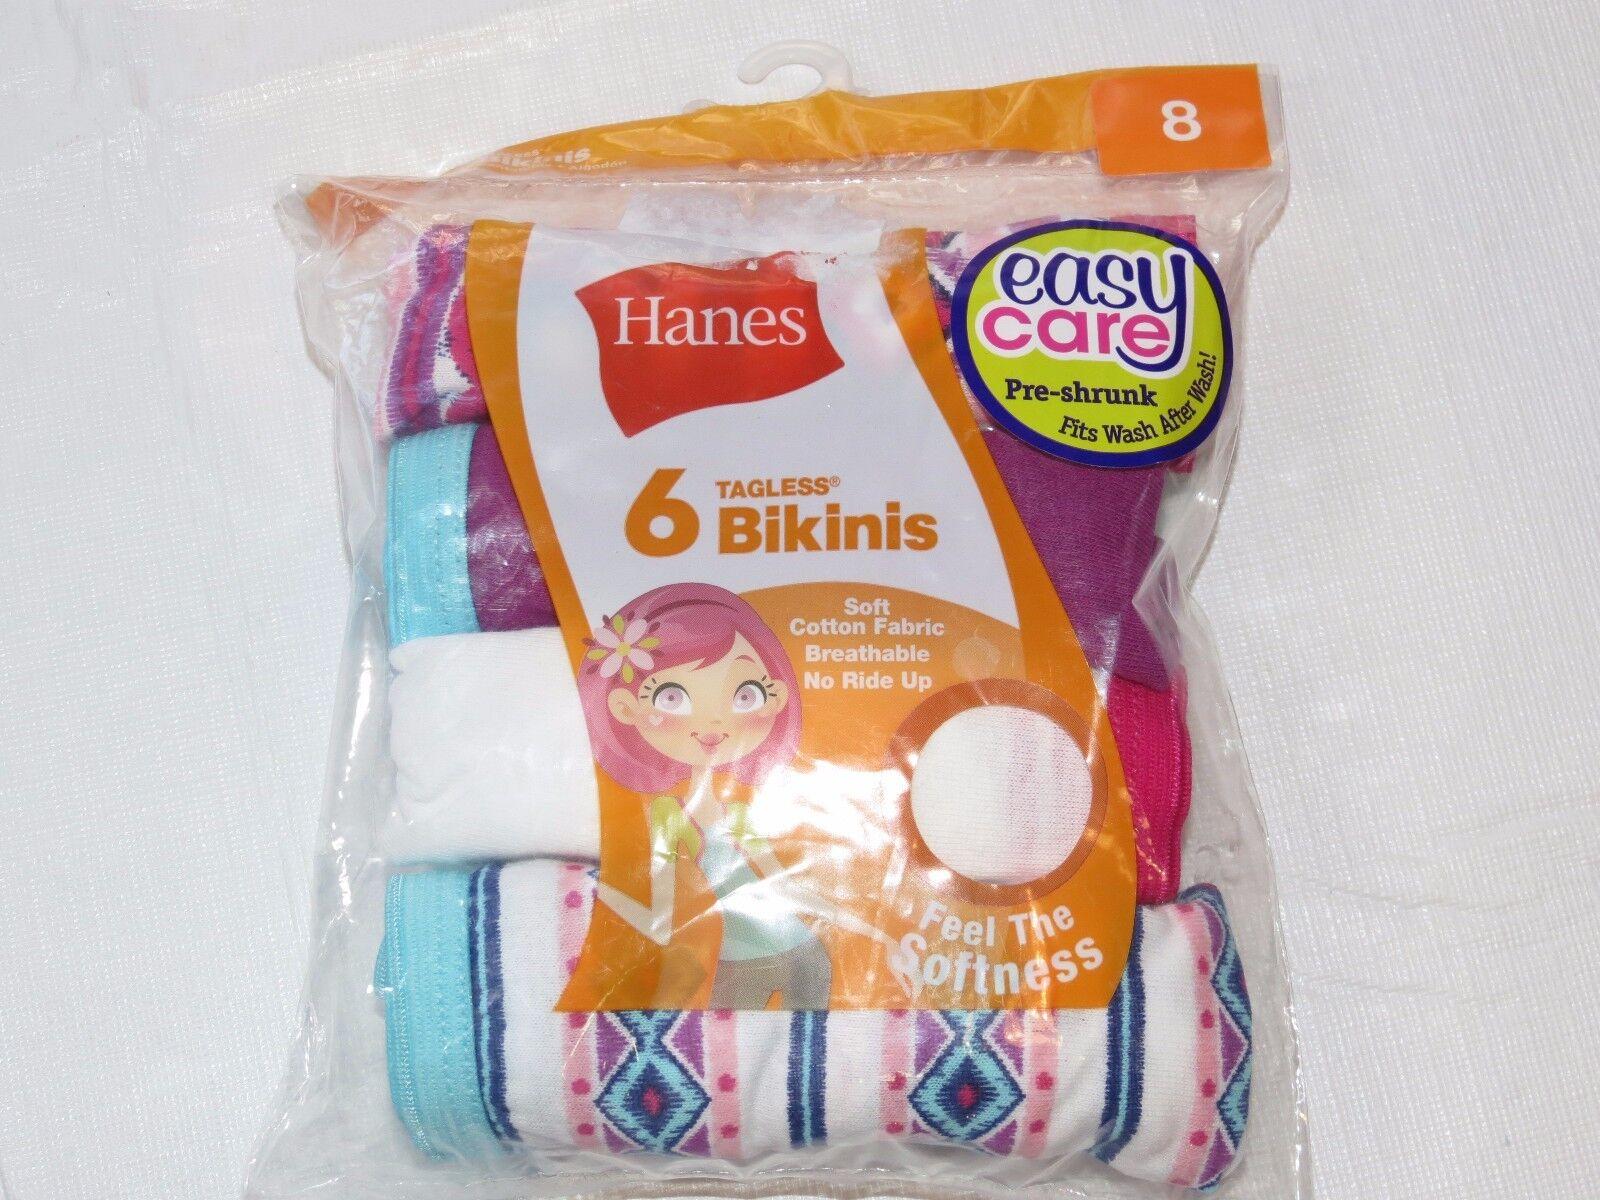 Mädchen Jugend Hanes Etikettenlos Bikinis 6er Pack Paar Unterwäsche Slip Größe 8